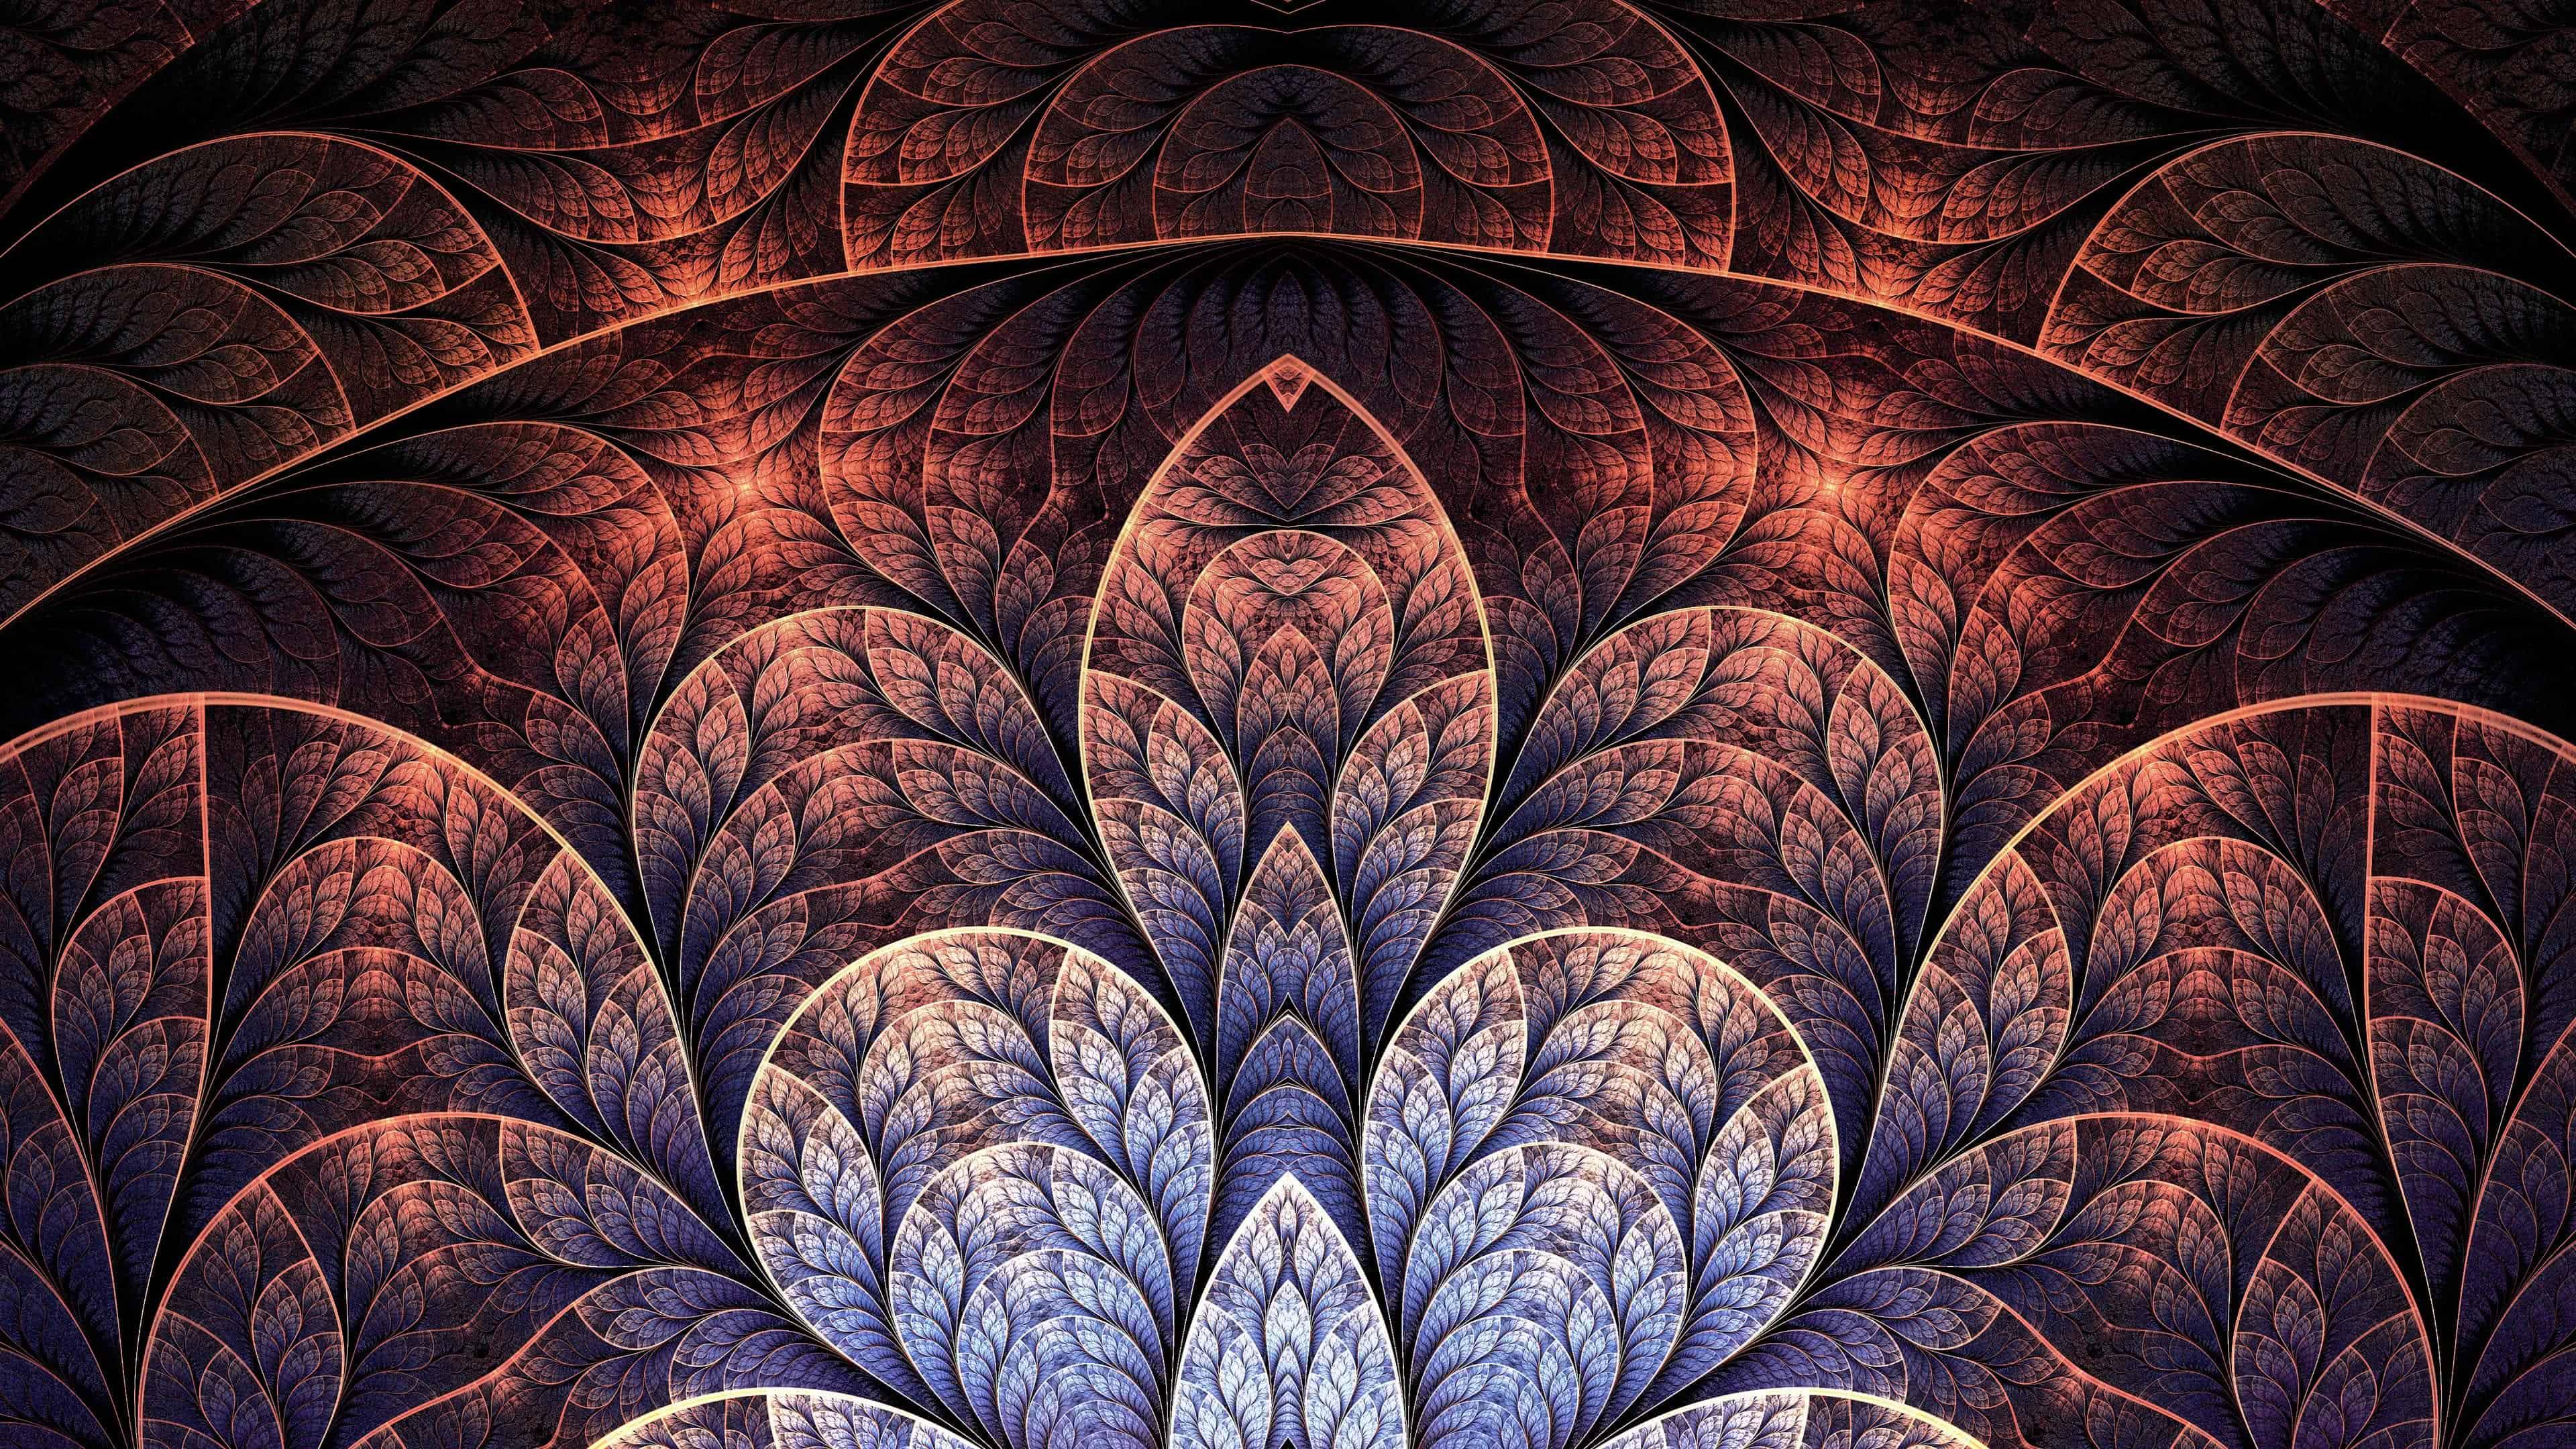 Glowing Fractals Uhd 4k Wallpaper Pixelz